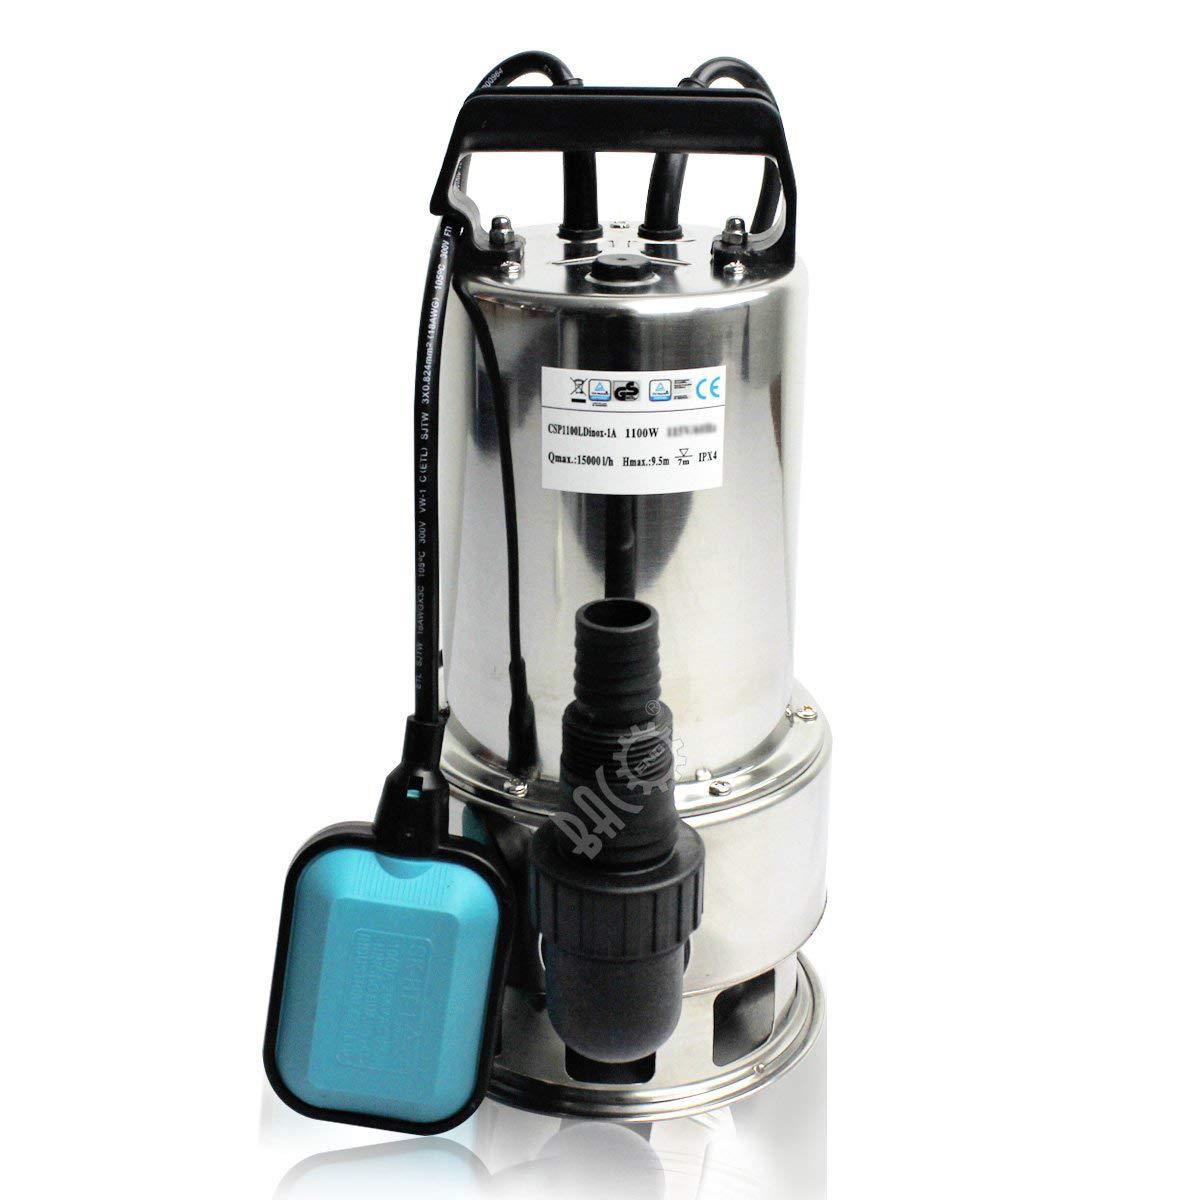 BACOENG Schmutz und Klarwasserpumpe Edelstahl Schmutzwasserpumpe mit Schwimmerschalter 15000L//h 1100 W